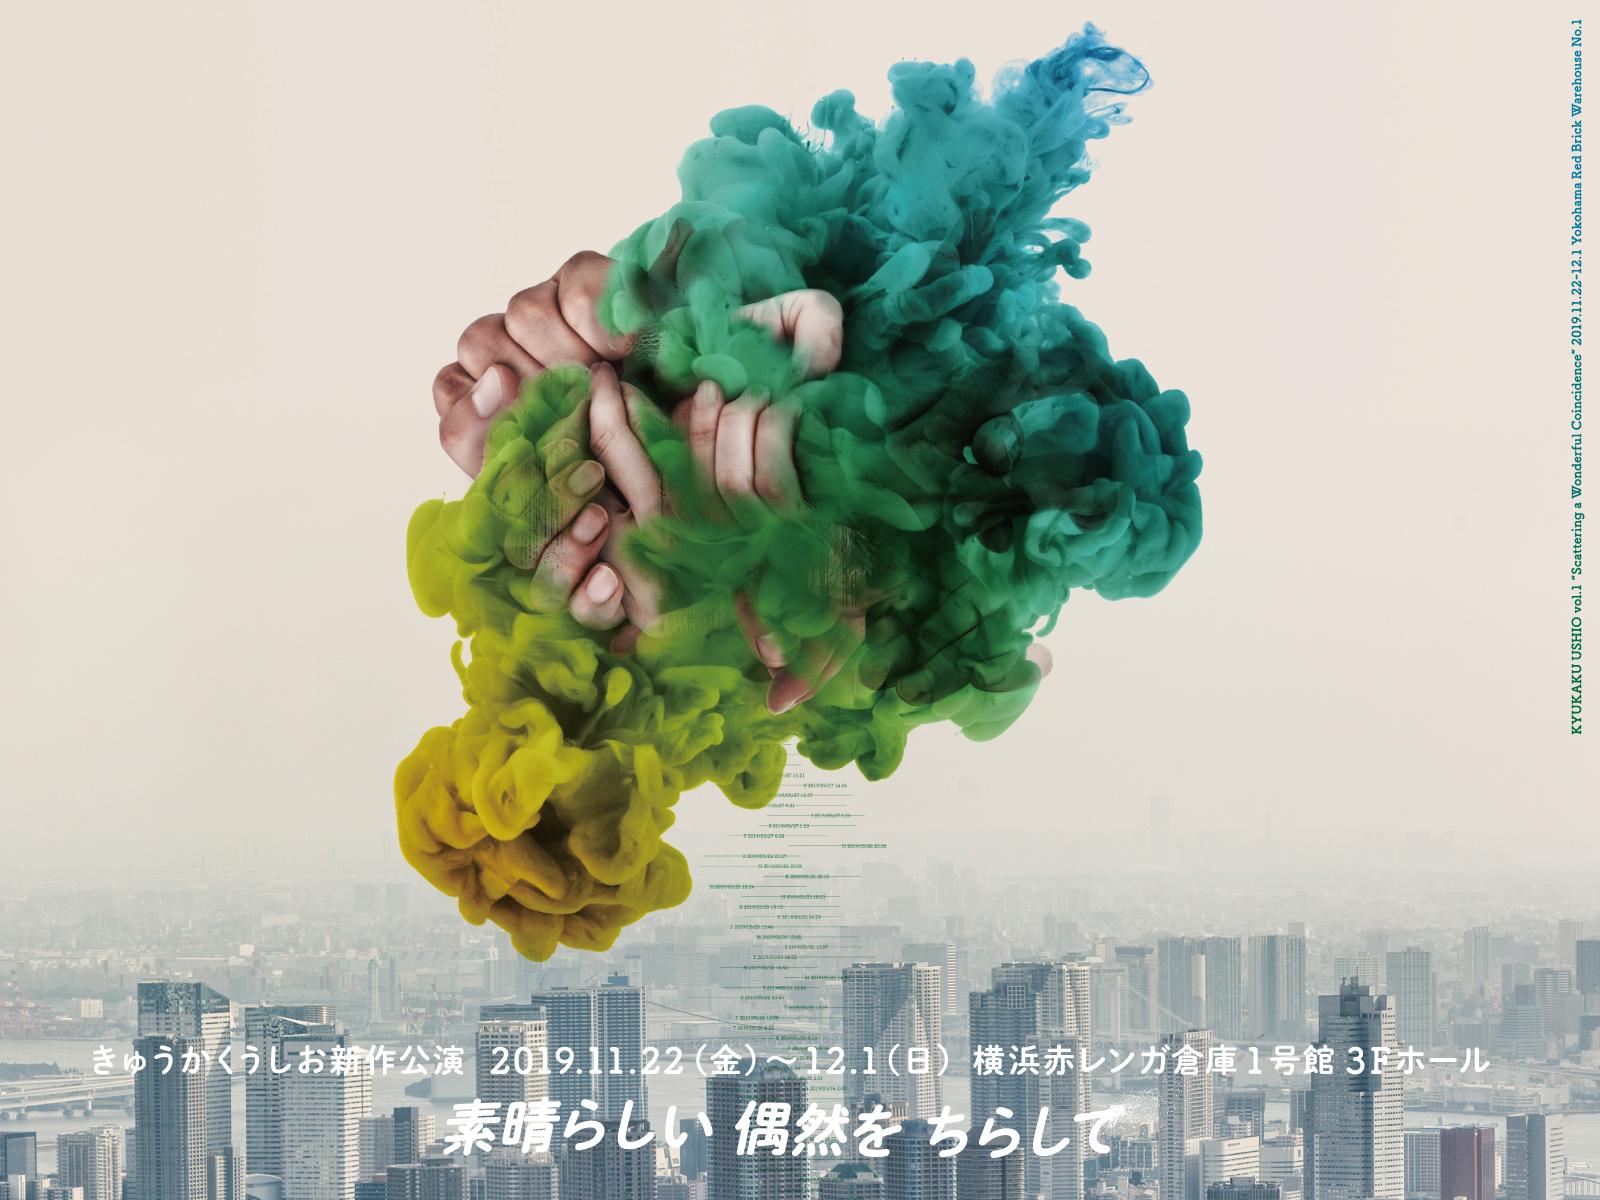 「きゅうかくうしお」の新作公演「素晴らしい偶然をちらして」 著名人から川柳が届く!